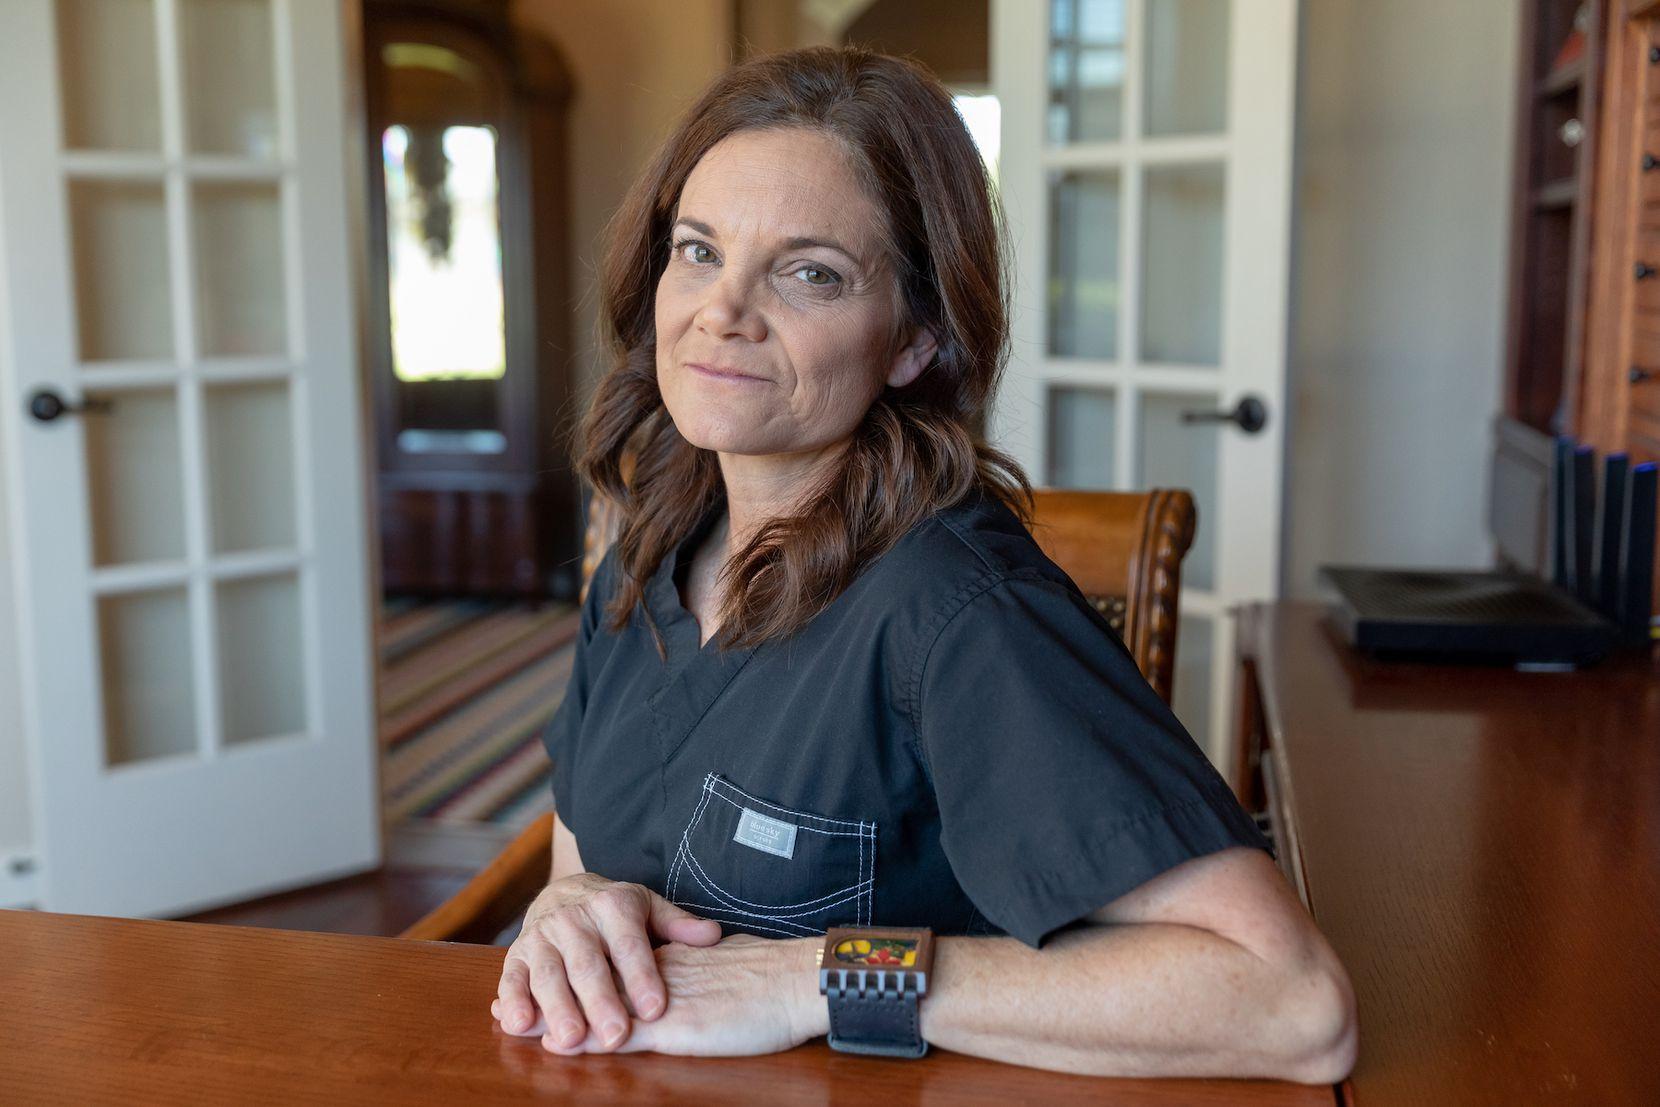 La doctora Laura Anton Johnson dijo que su ex entrenador de la Ursuline Academy of Dallas y el d'Feeters Soccer Club abusó sexualmente de ella. Anton que es pediatra y madre, sintió que no podía seguir en silencio. (Julia Robinson/Especial para DMN)